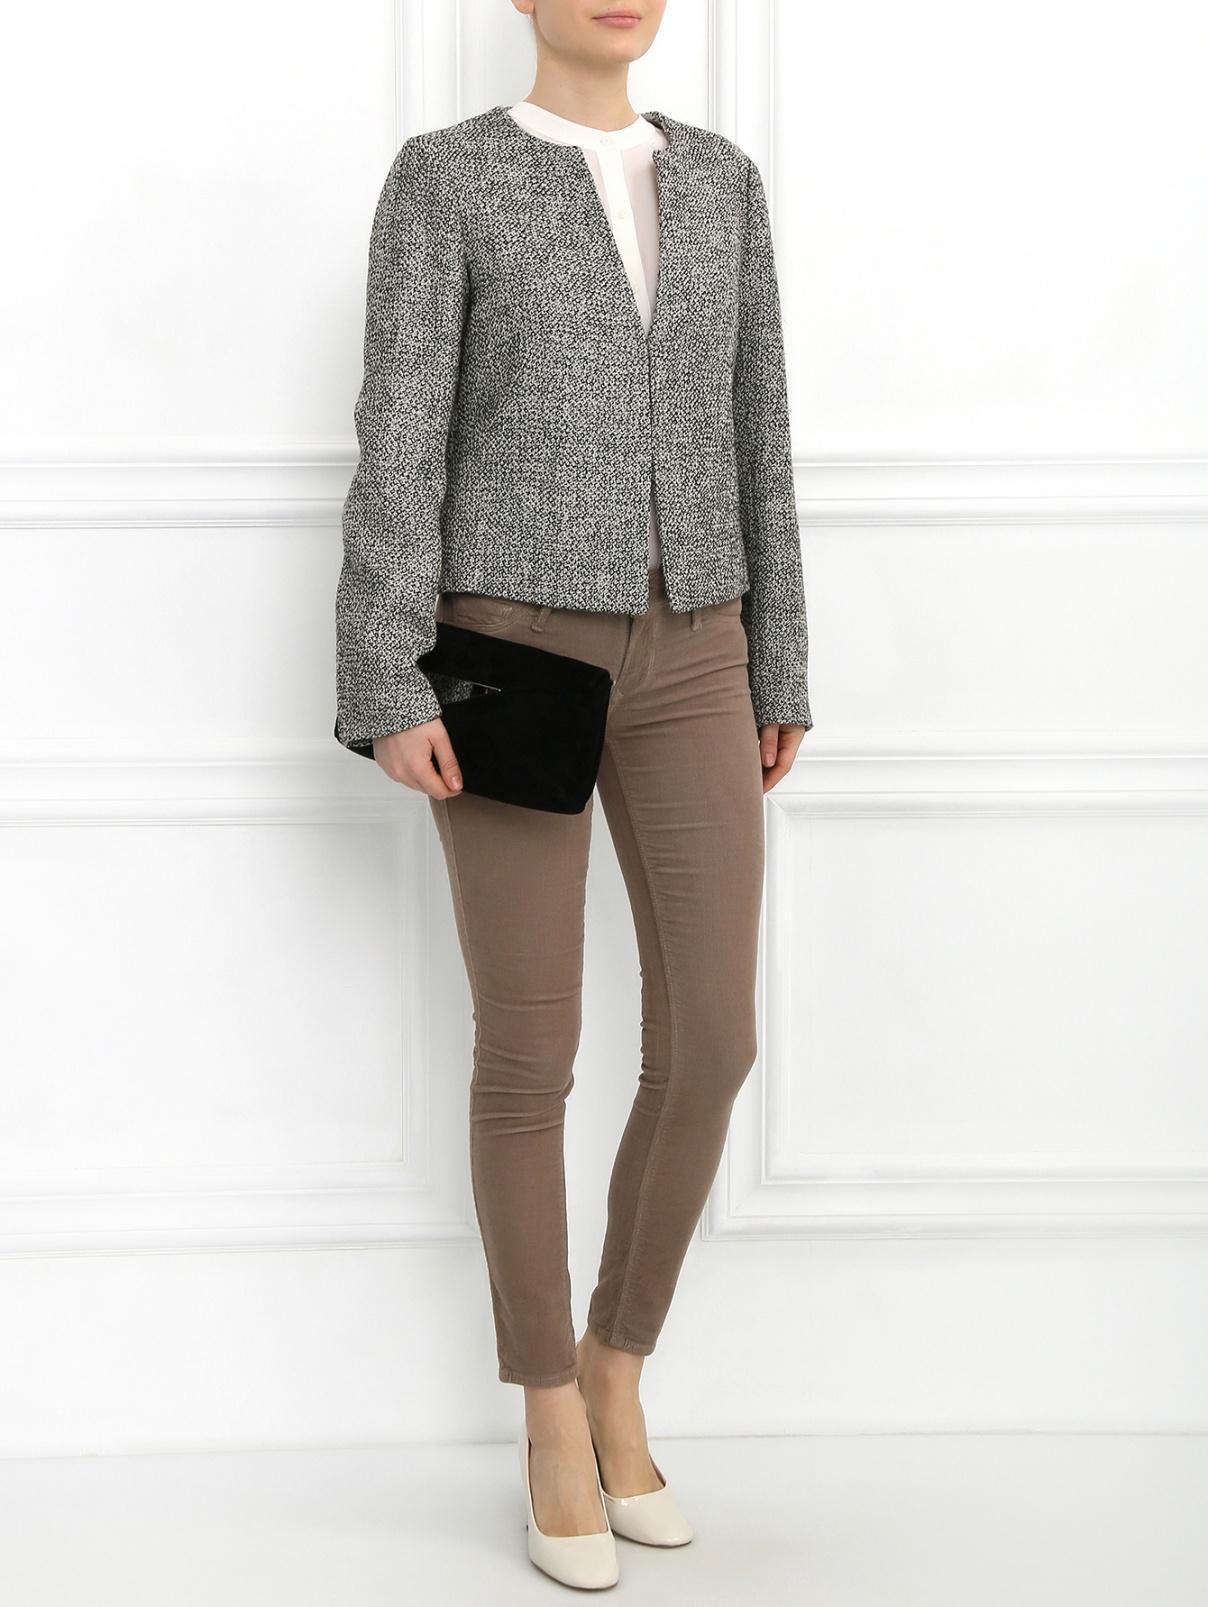 Узкие брюки Black Orchid  –  Модель Общий вид  – Цвет:  Бежевый